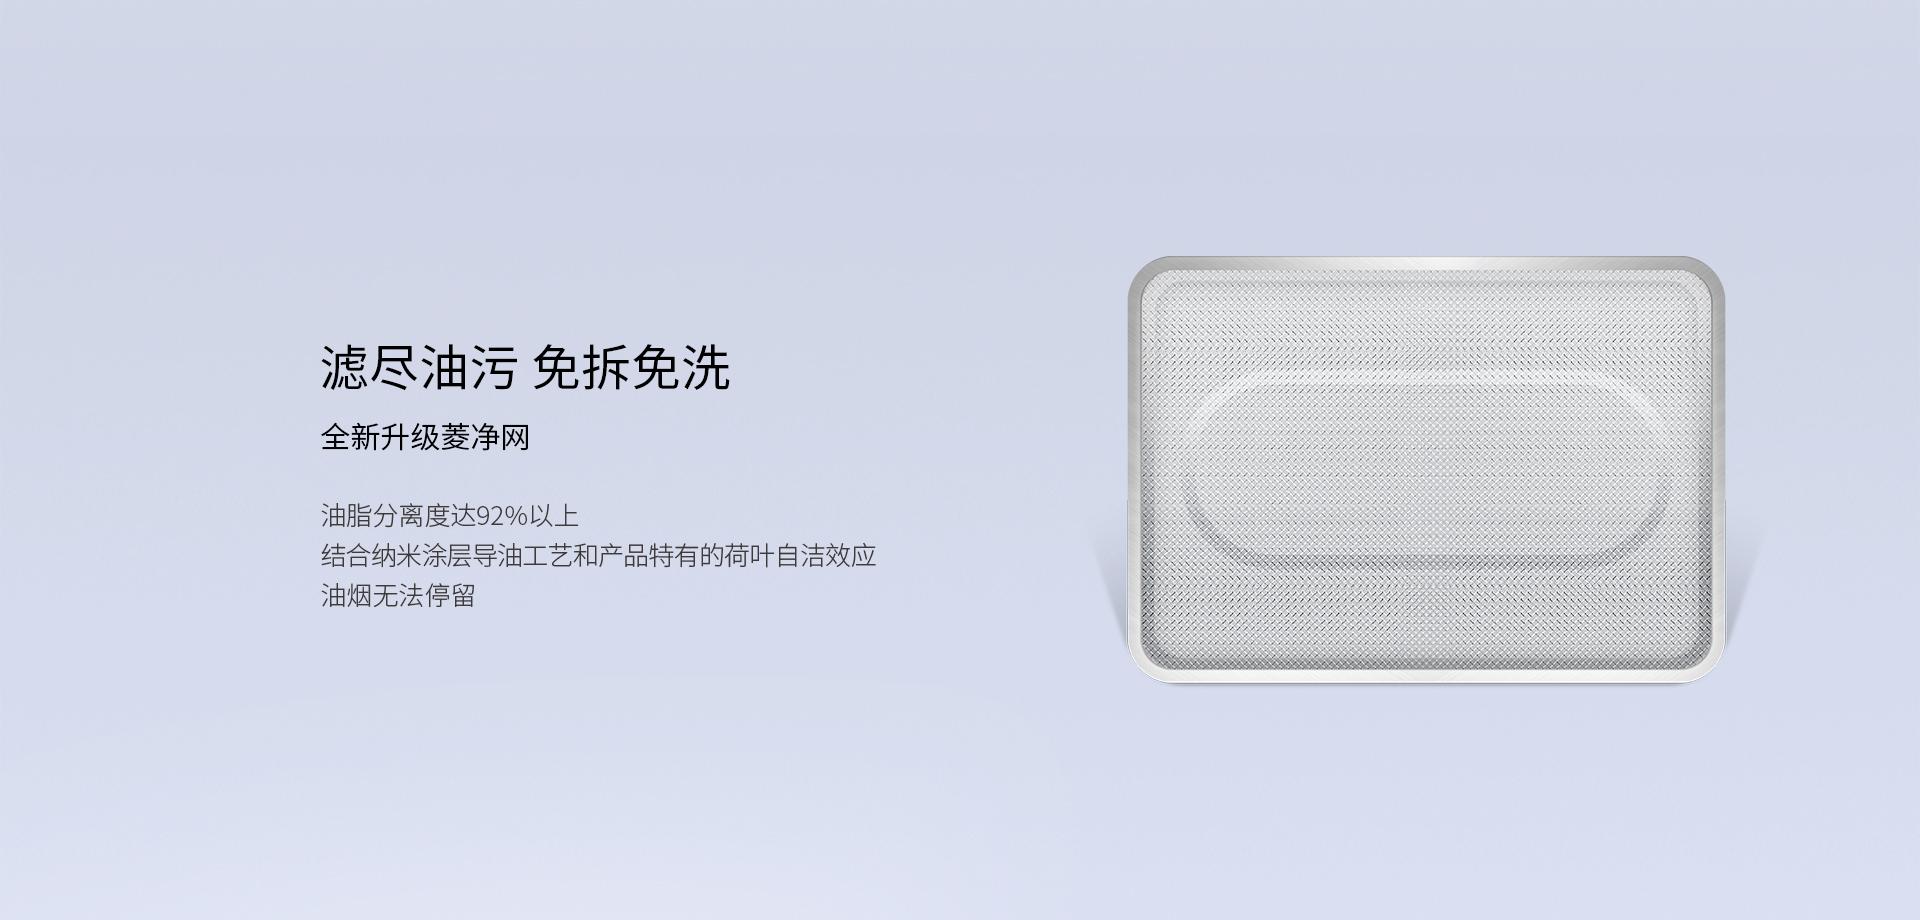 5701优化-PC_04.jpg